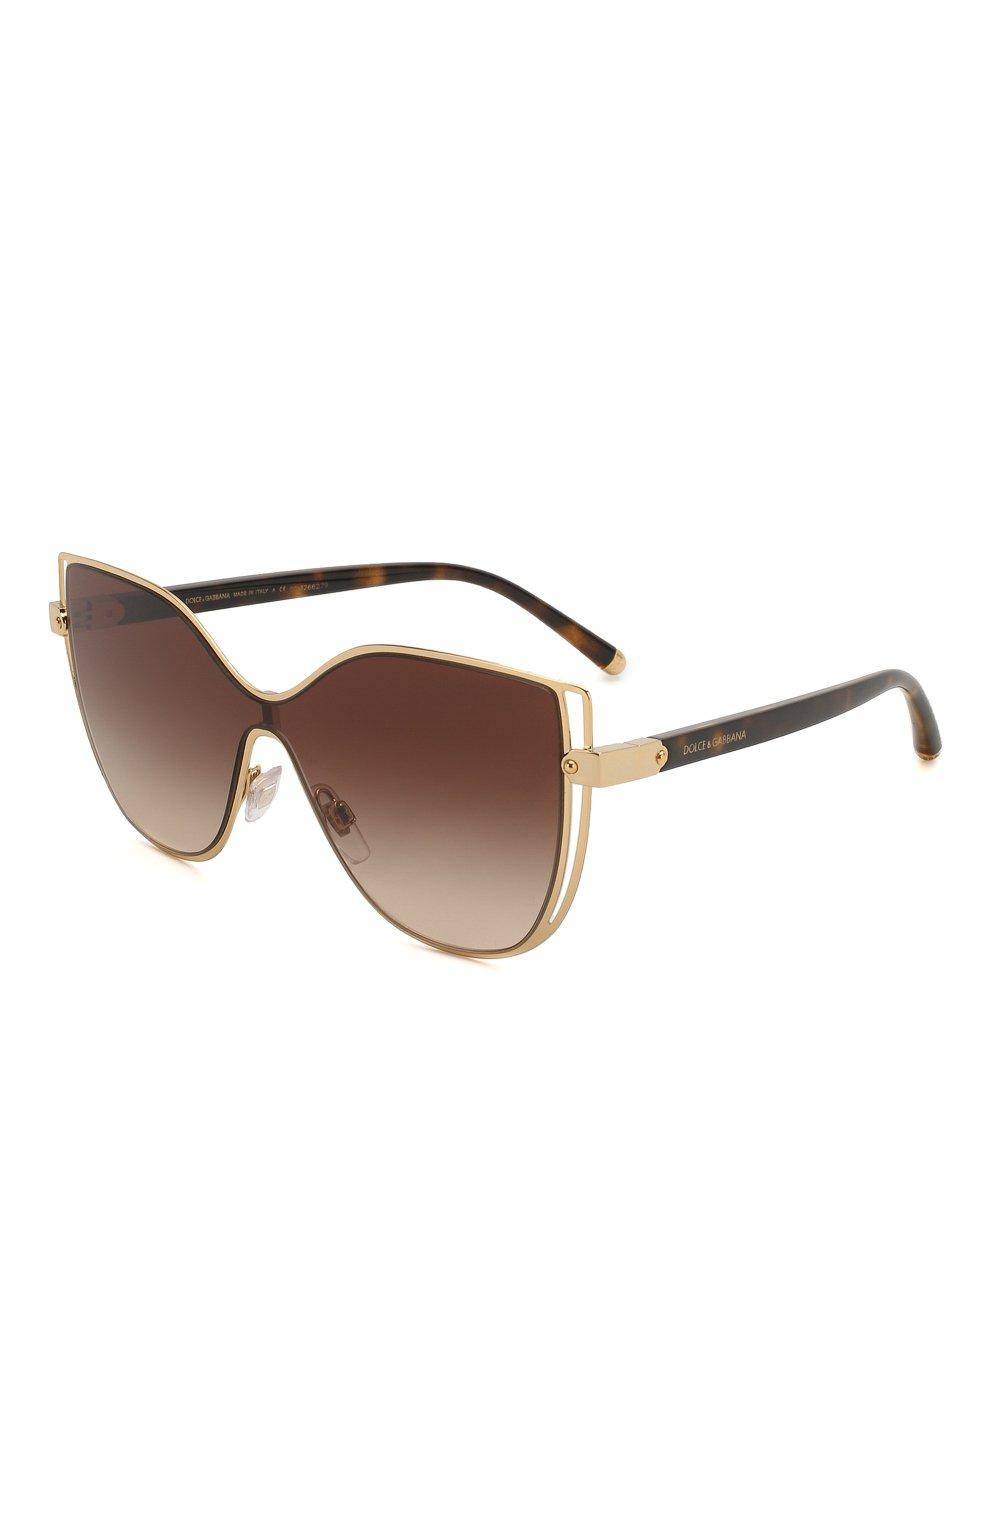 Женские солнцезащитные очки DOLCE & GABBANA коричневого цвета, арт. 2236-02/13 | Фото 1